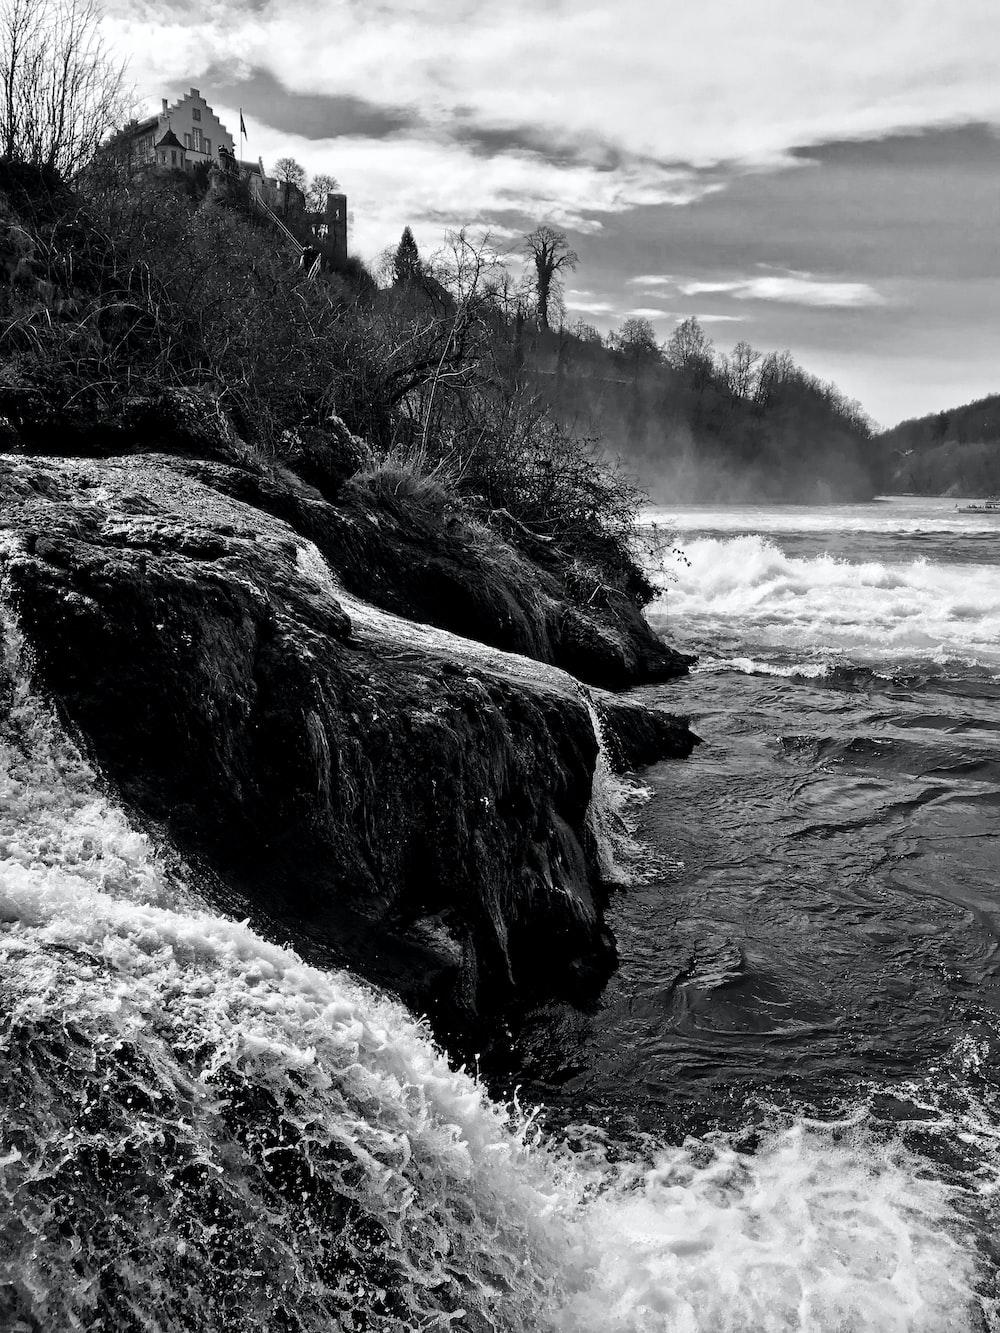 waves crashing